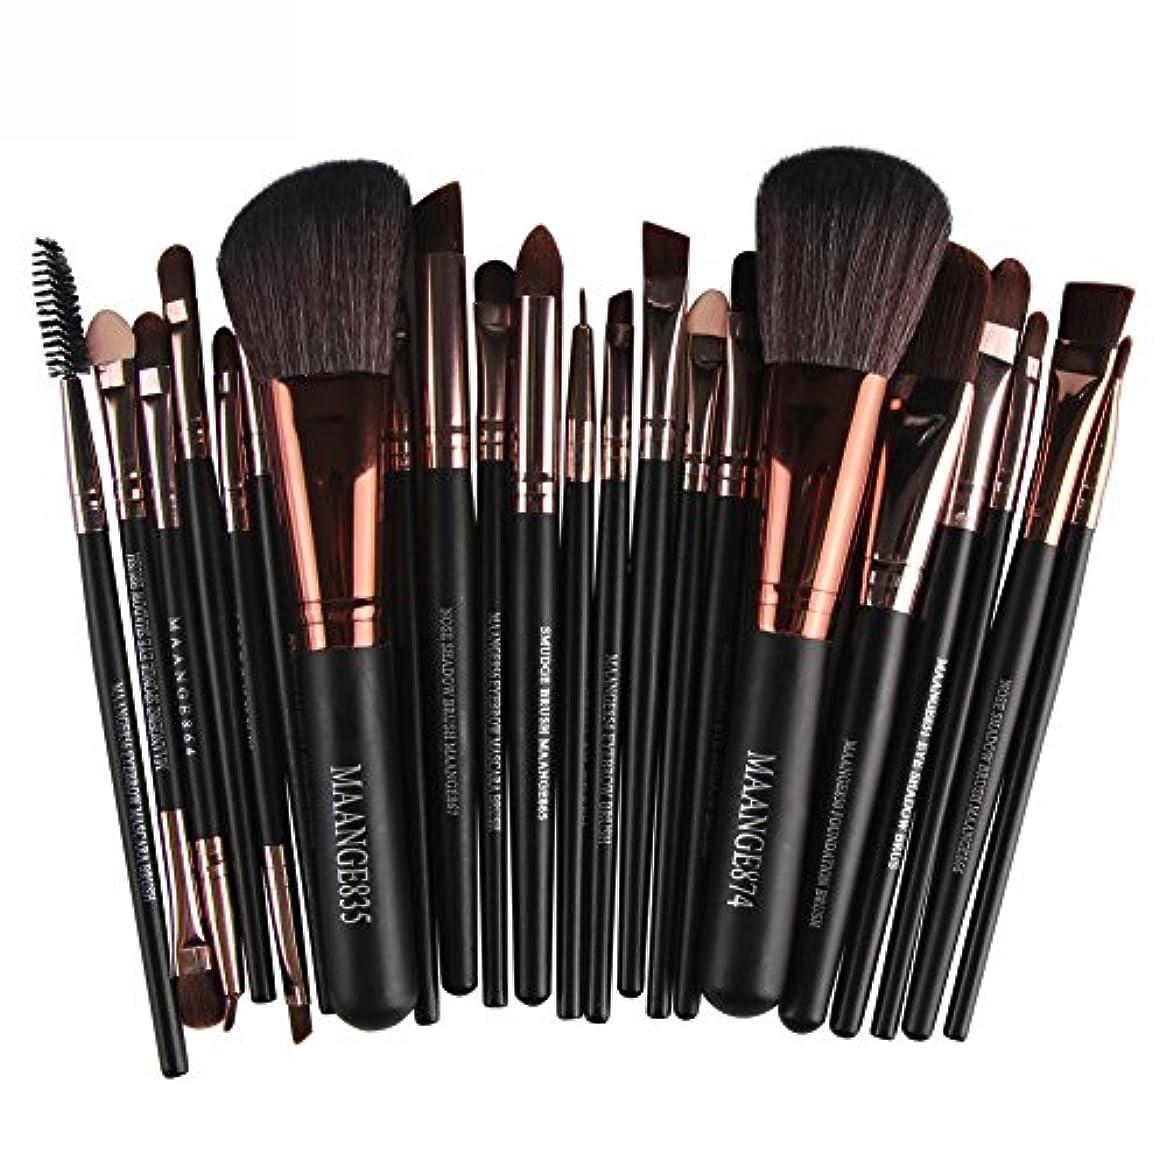 特別にグリップペデスタルメイクアップブラシセット | 22 本セット化粧筆アイシャドウメイクブラシコスメチック化粧ブラシビューティーツール (ブラック)